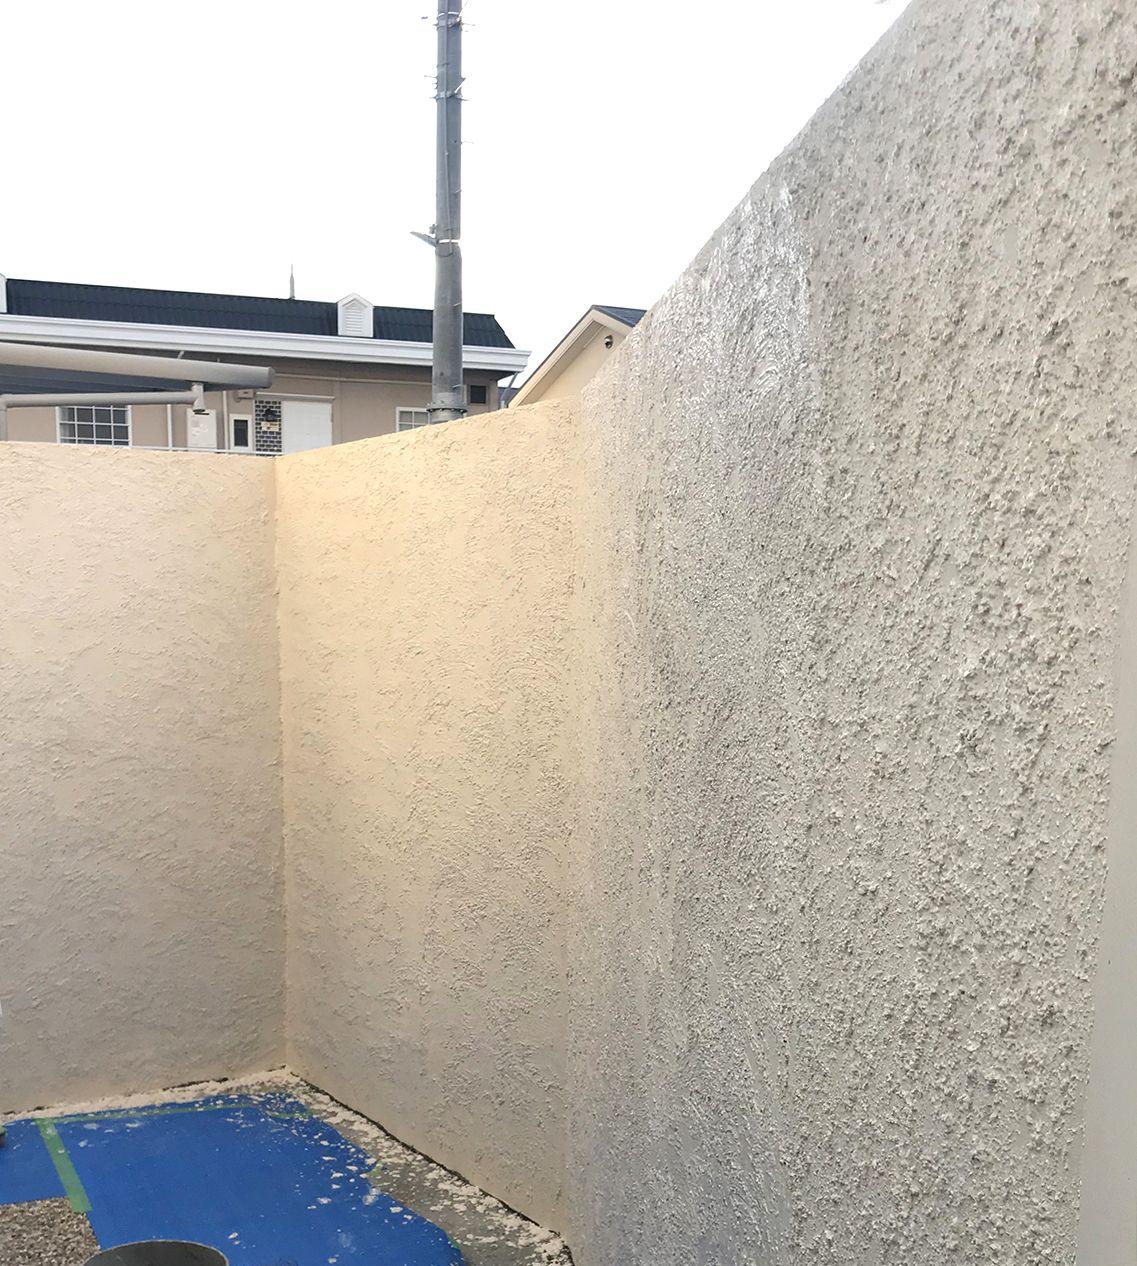 グランドアートウォール 塀の高さ2 2m 擁壁 ブロック塀 家 外観